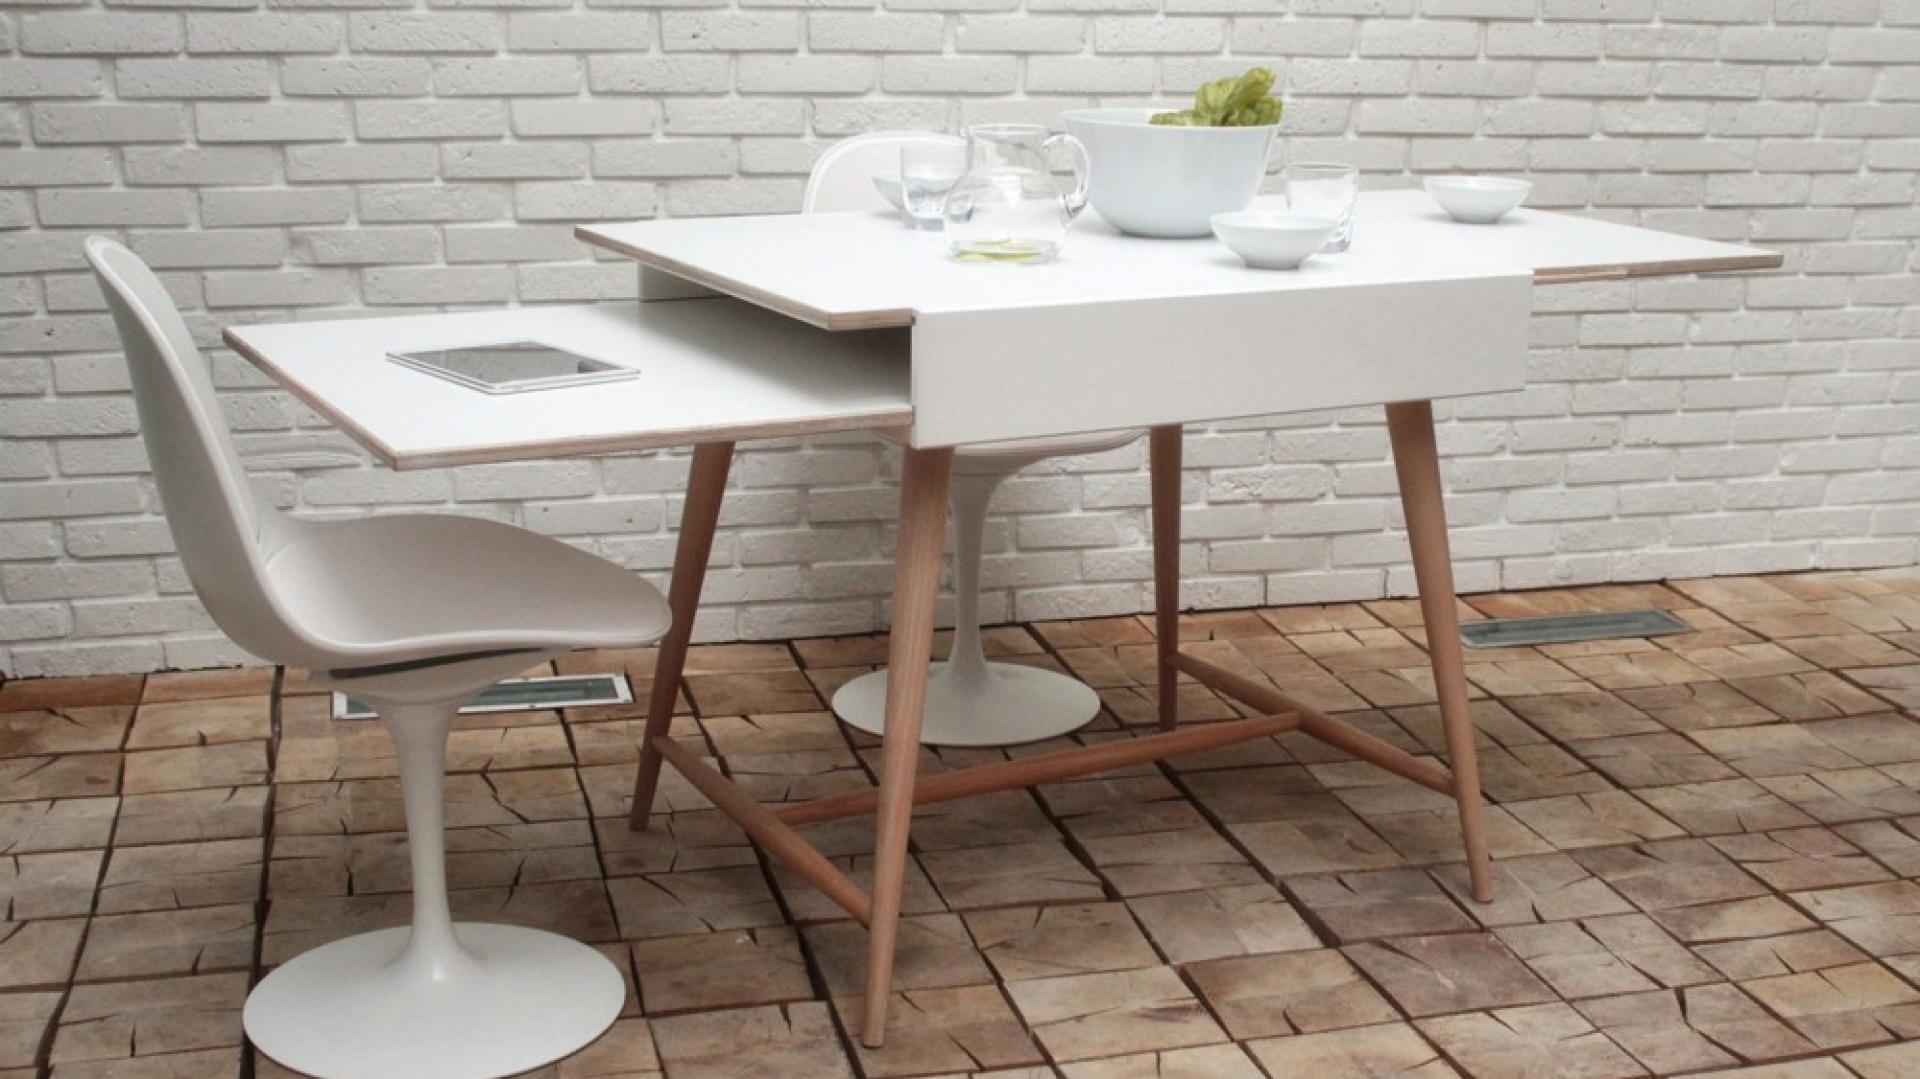 Dolny blat jest szczególnie przydatny w ograniczonych przestrzeniach mieszkalnych, gdzie jednym ruchem można ukryć coś we wnętrzu stołu. Projekt powstał przy współpracy Joanny Walkowiak i Wojciecha Szczupak z firmą Ragaba. Fot. Materiały prasowe